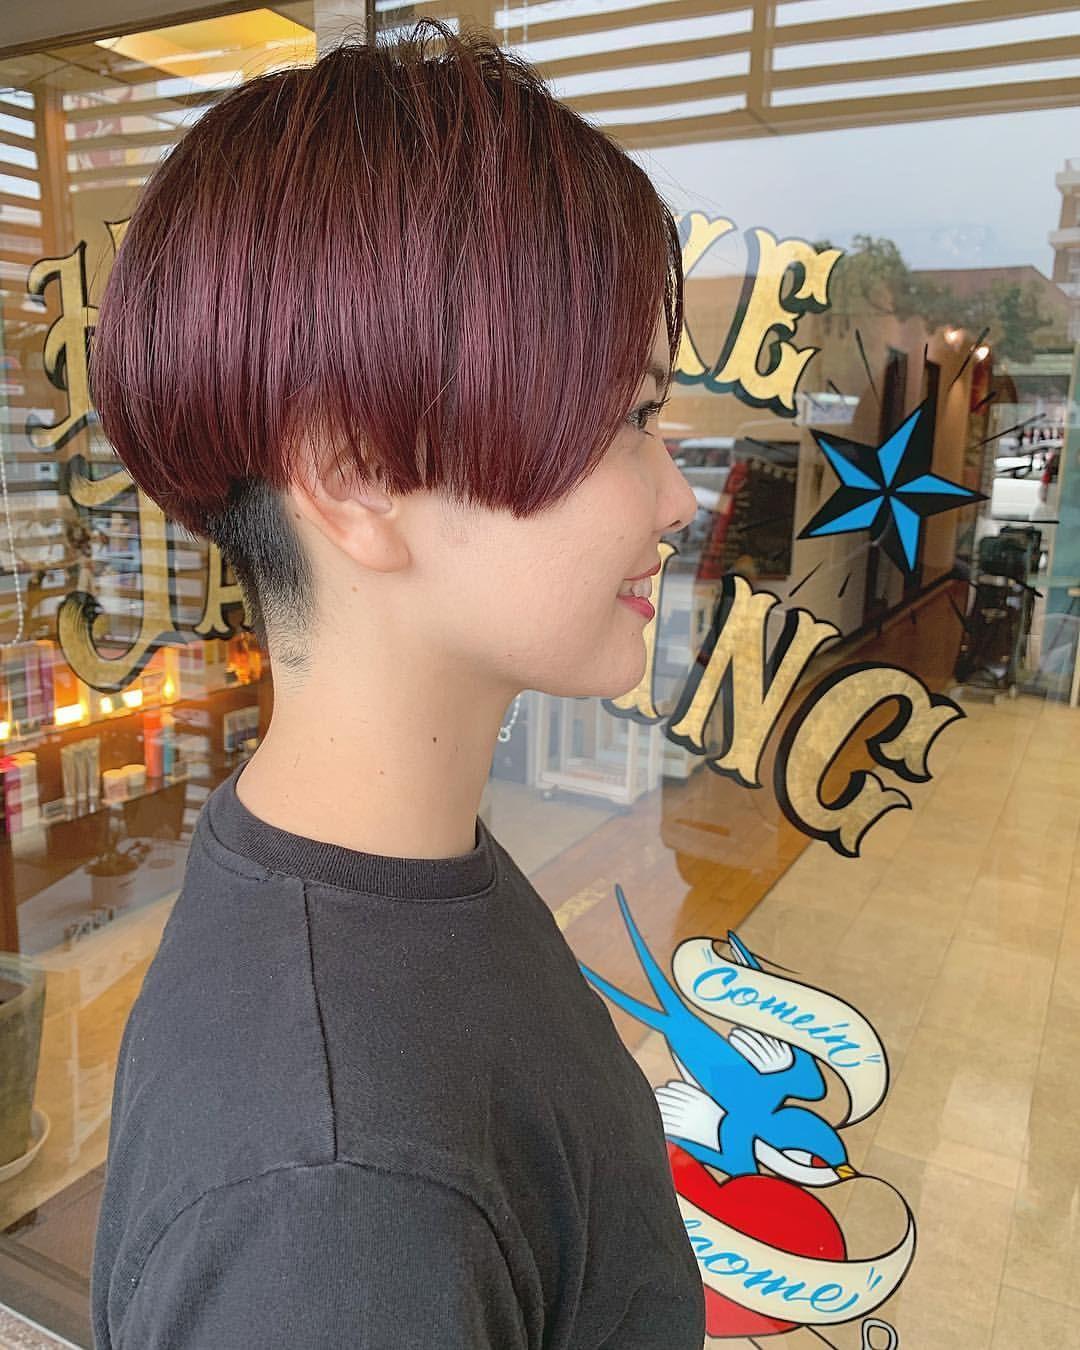 Jag Pezziさんはinstagramを利用しています まだまだ外国人風のくすみカラーが人気ですが 春はピンク系もオススメです 甘くなりすぎないようにカットはかっこよく スタイリスト Aya Aya427 ピンクヘア 刈り上げ 短い髪のためのヘアスタイル ブロンド